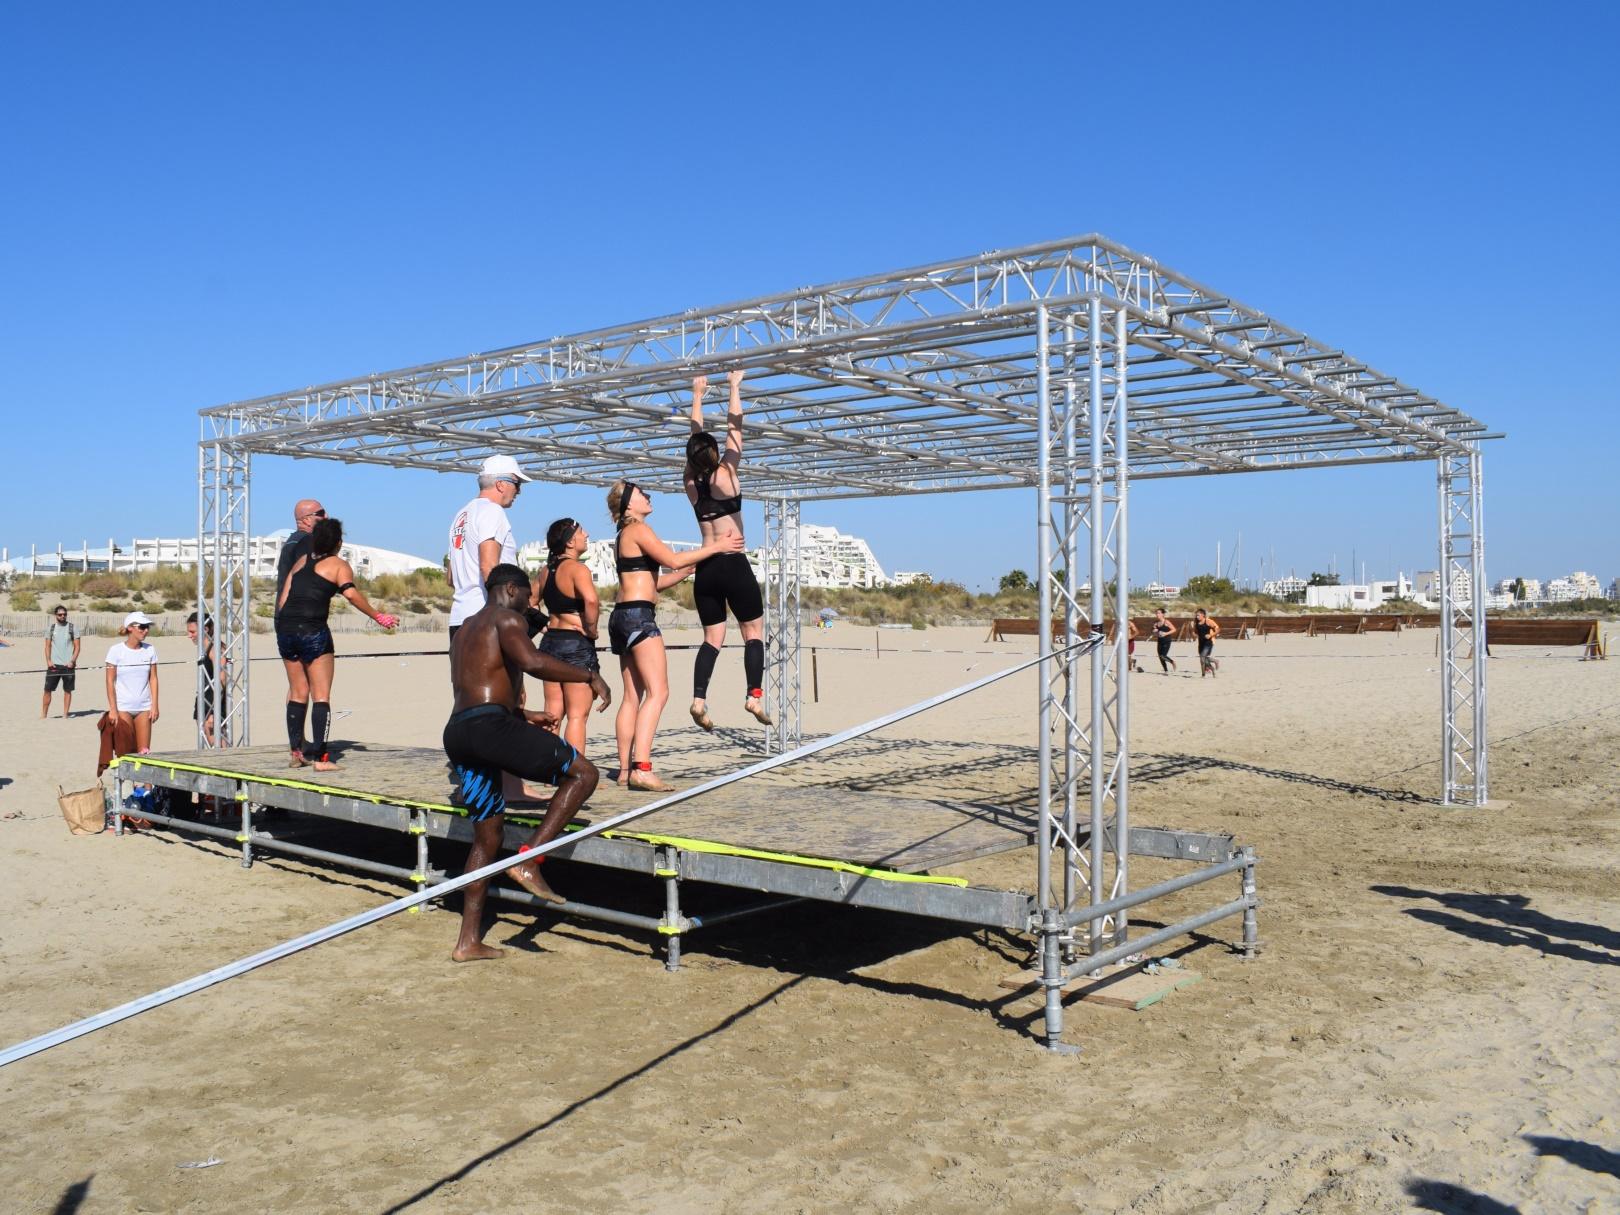 SML - montage d'ateliers sport en modula et grill scenique